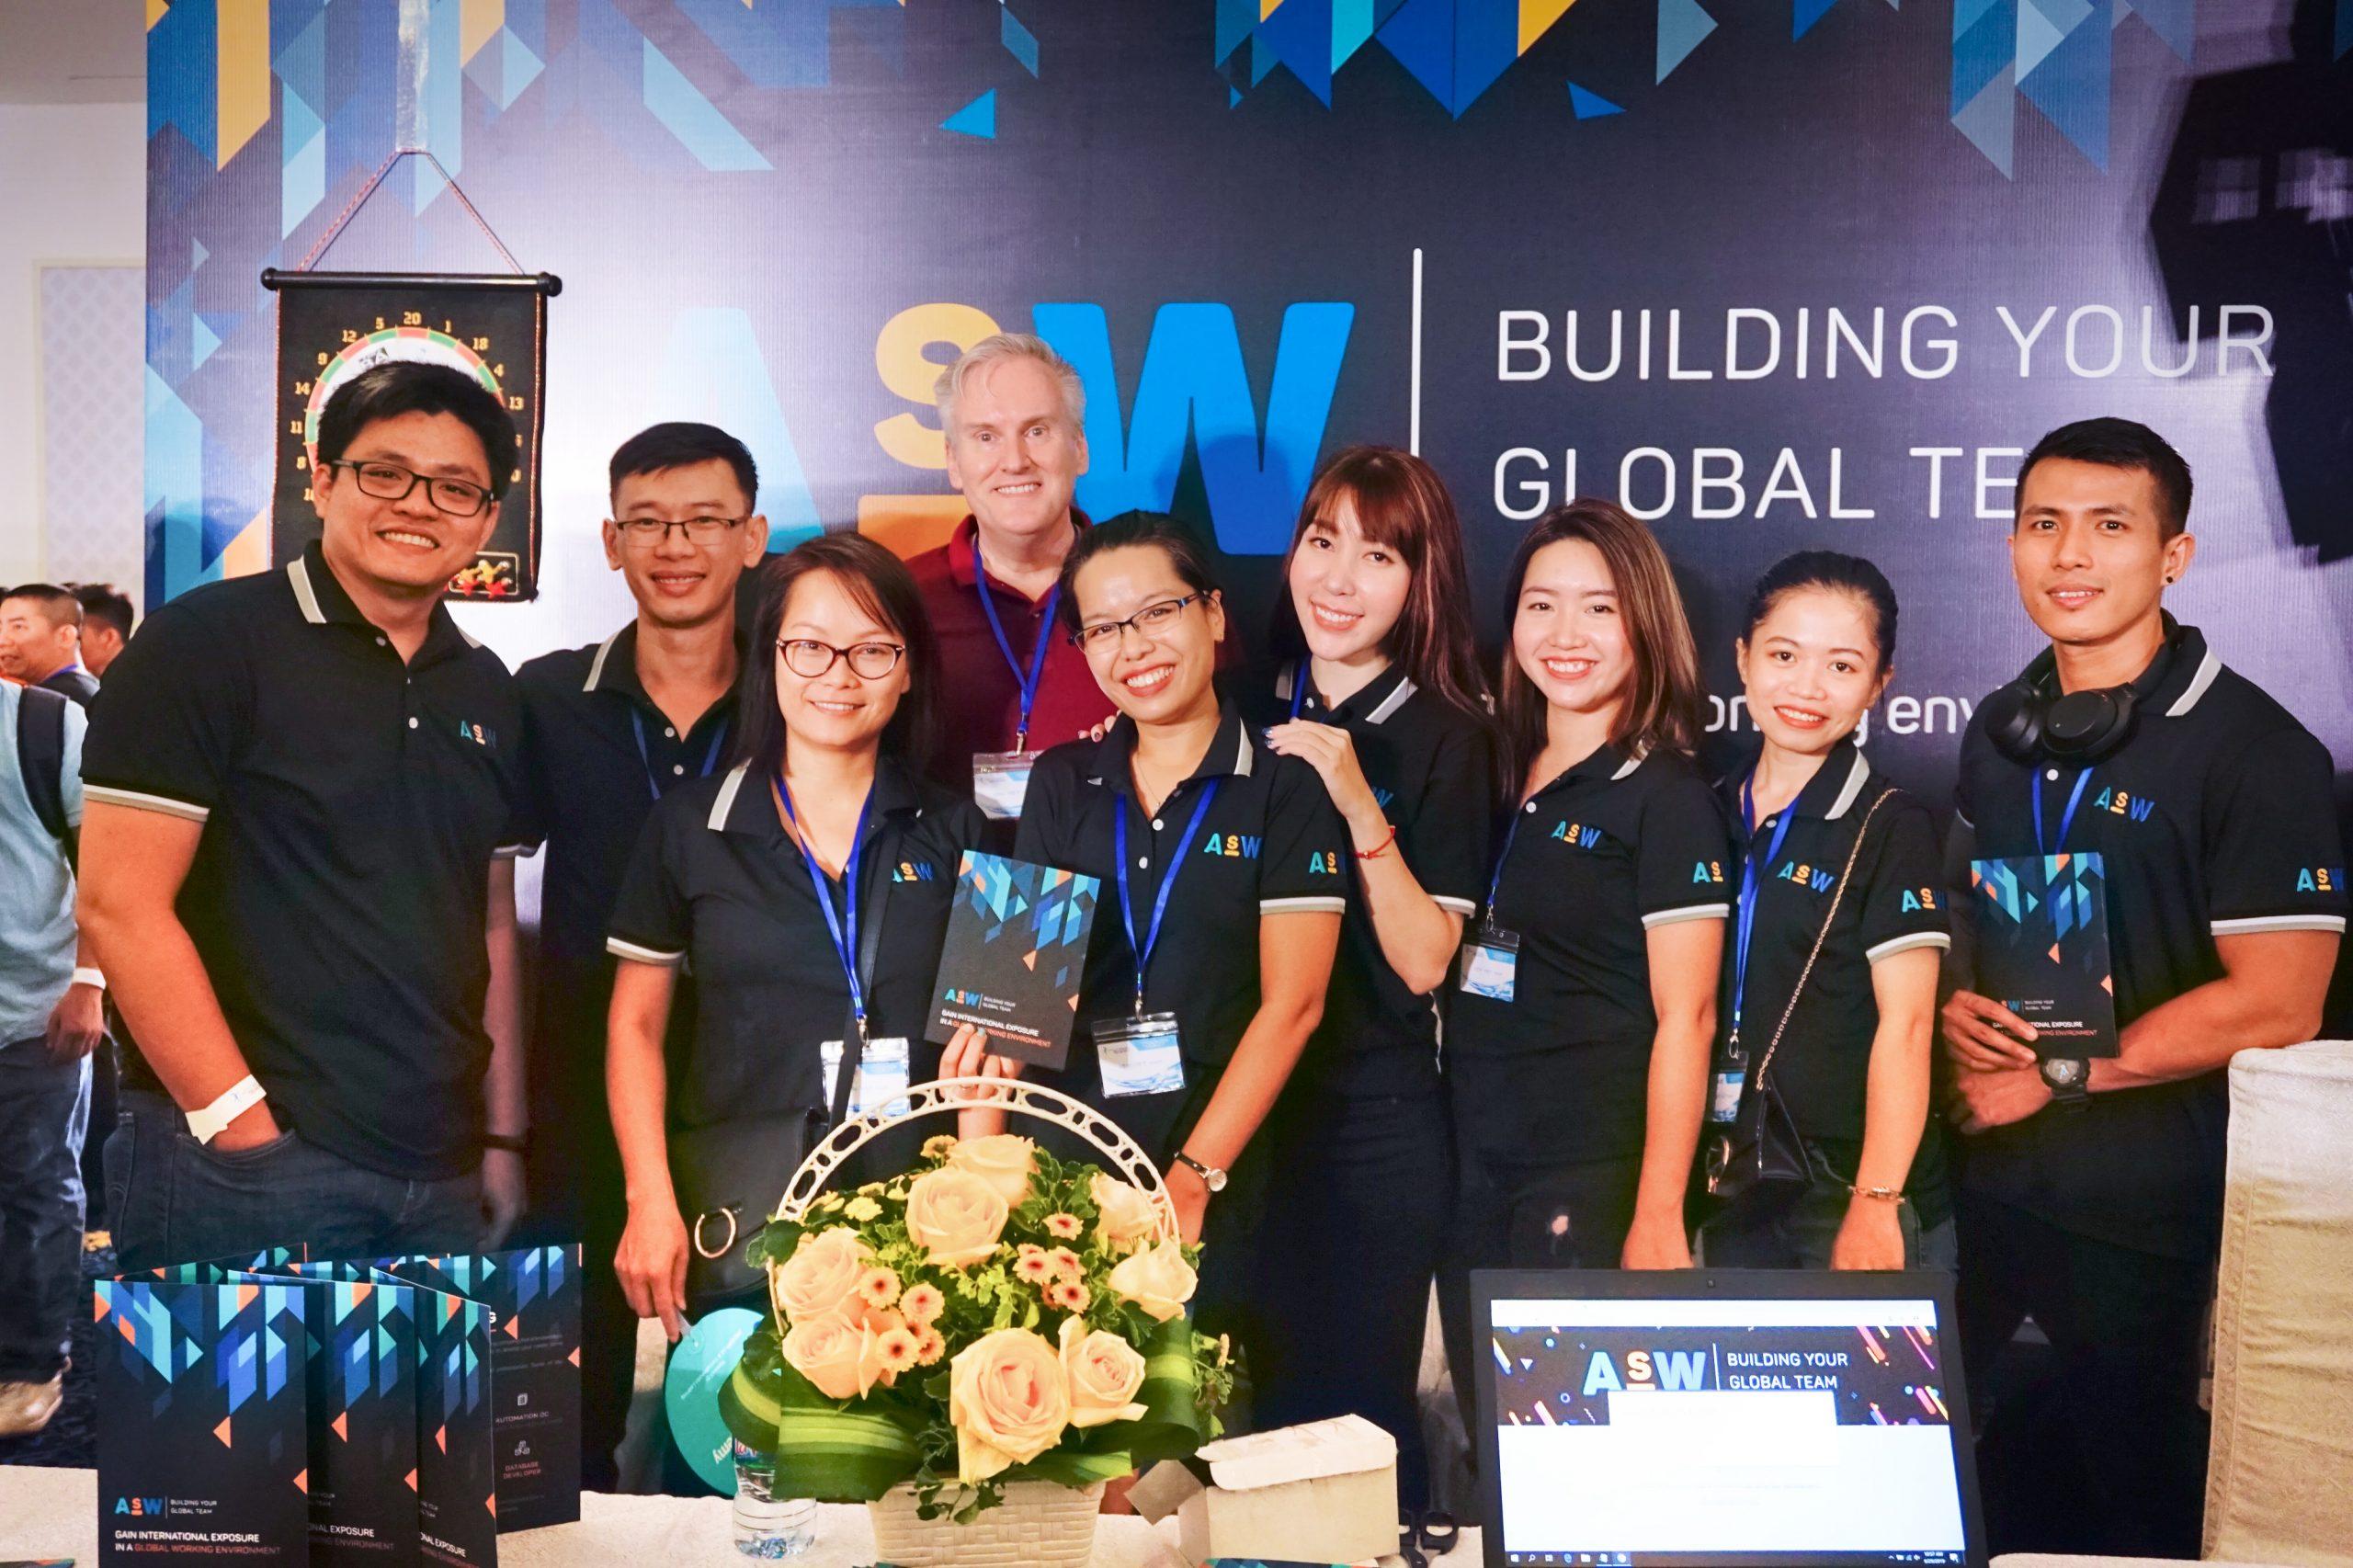 ASW team awards